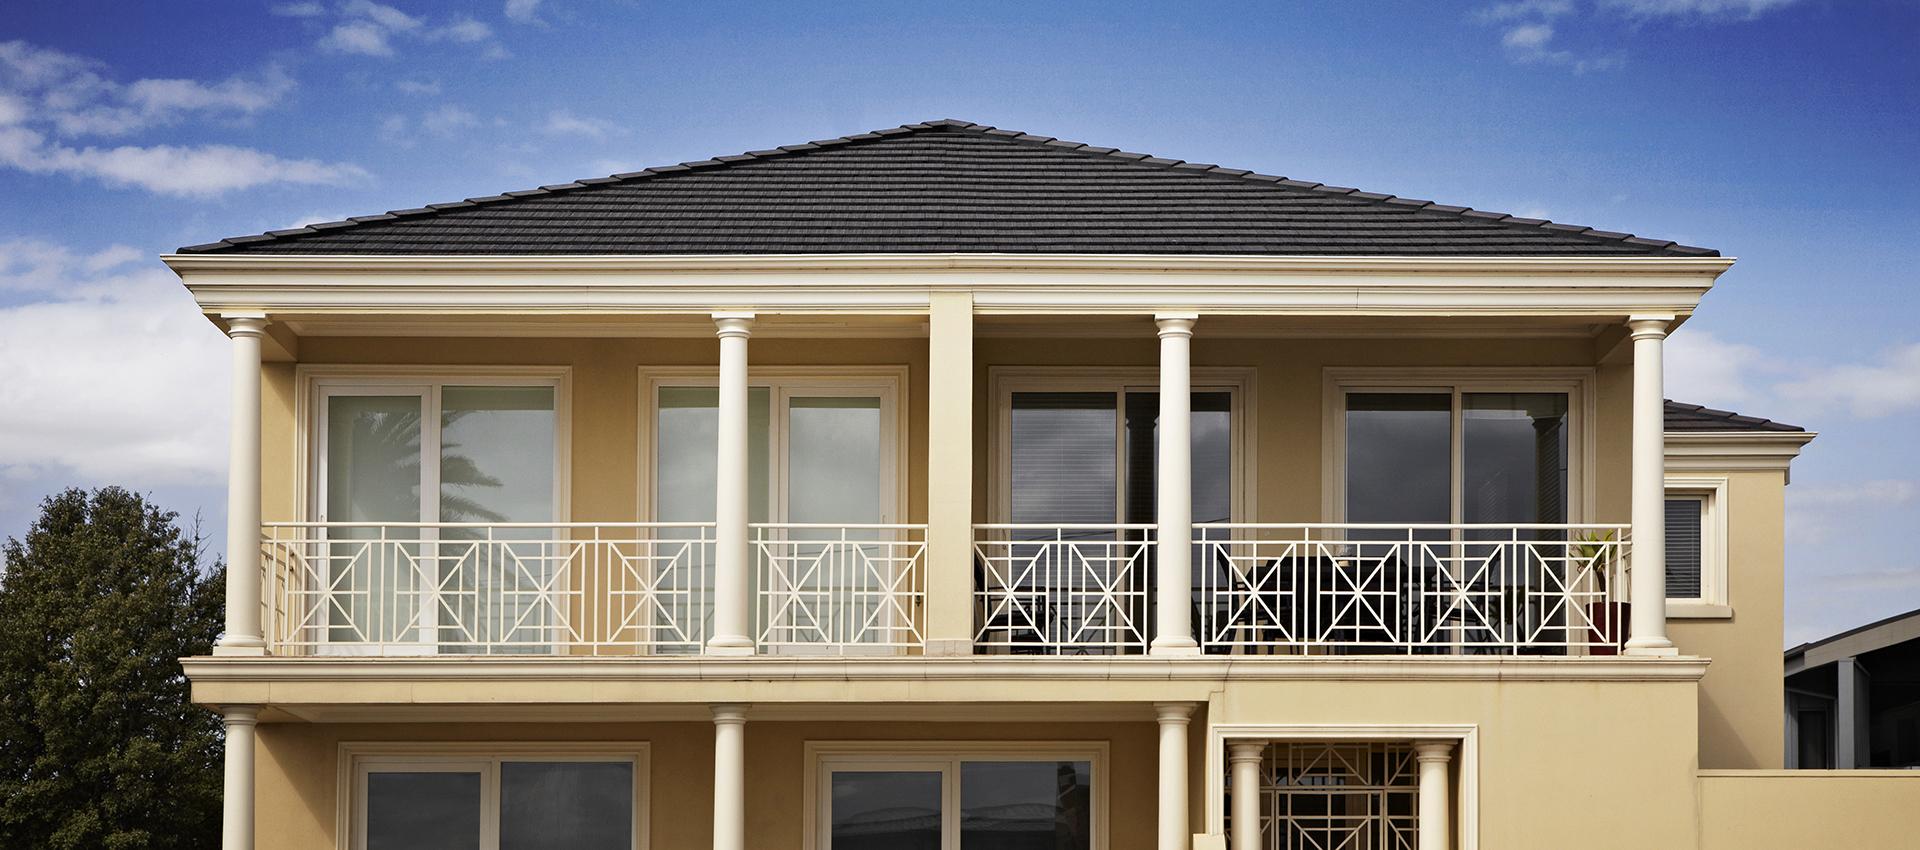 Concrete Tile Roof Coatings Concrete Roof Tile Paint Evolving Elements